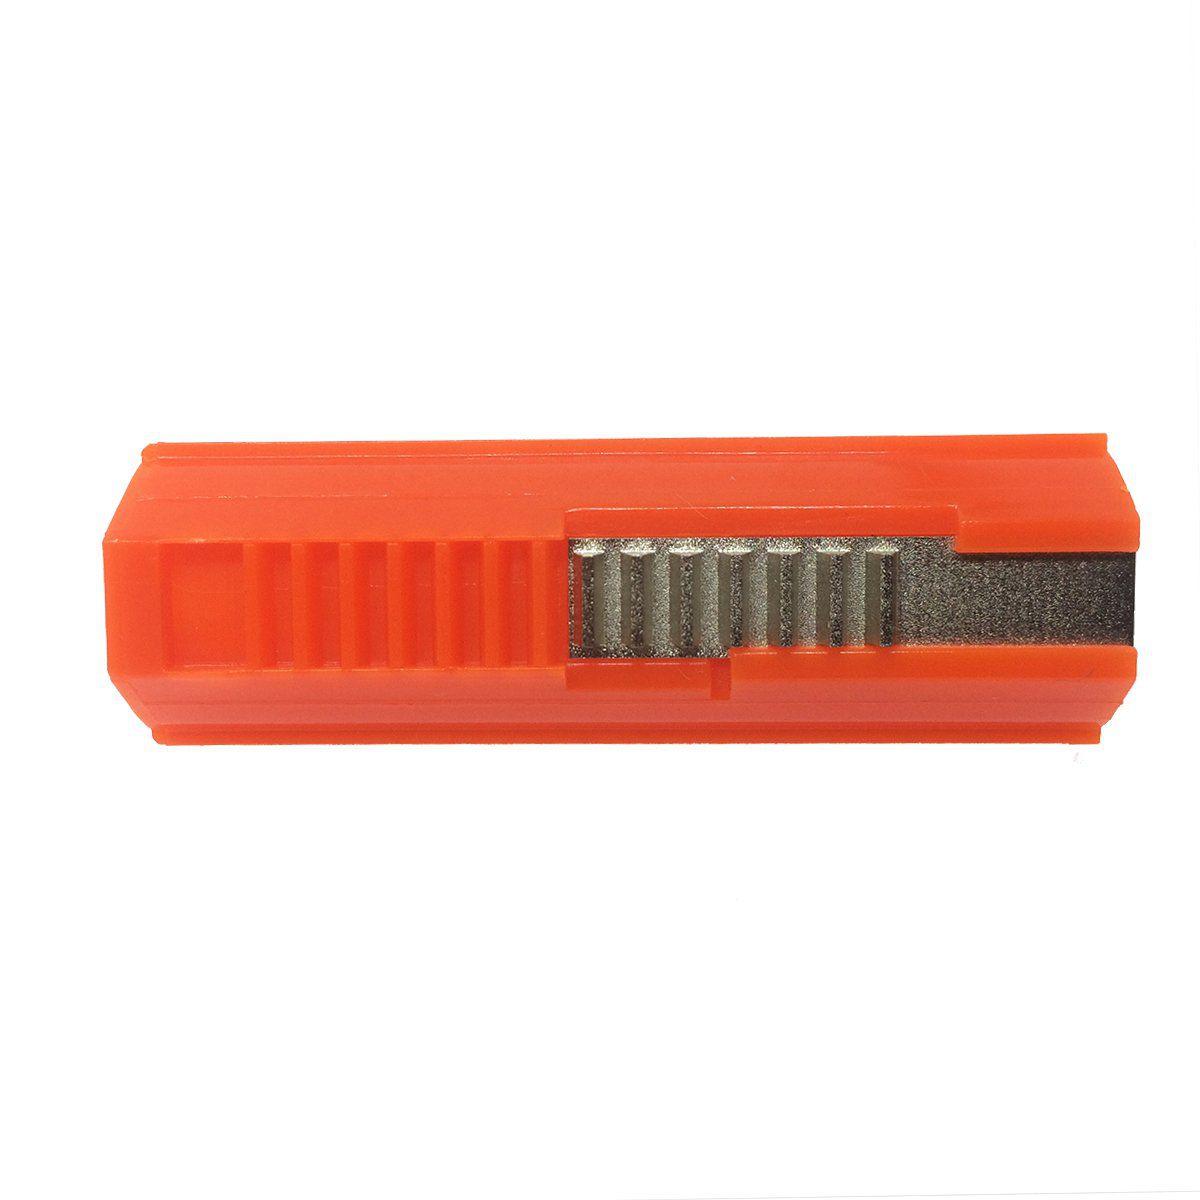 Pist?o P/ Gearbox 14 Dentes C/ 7 Dentes de Aço Inox Element